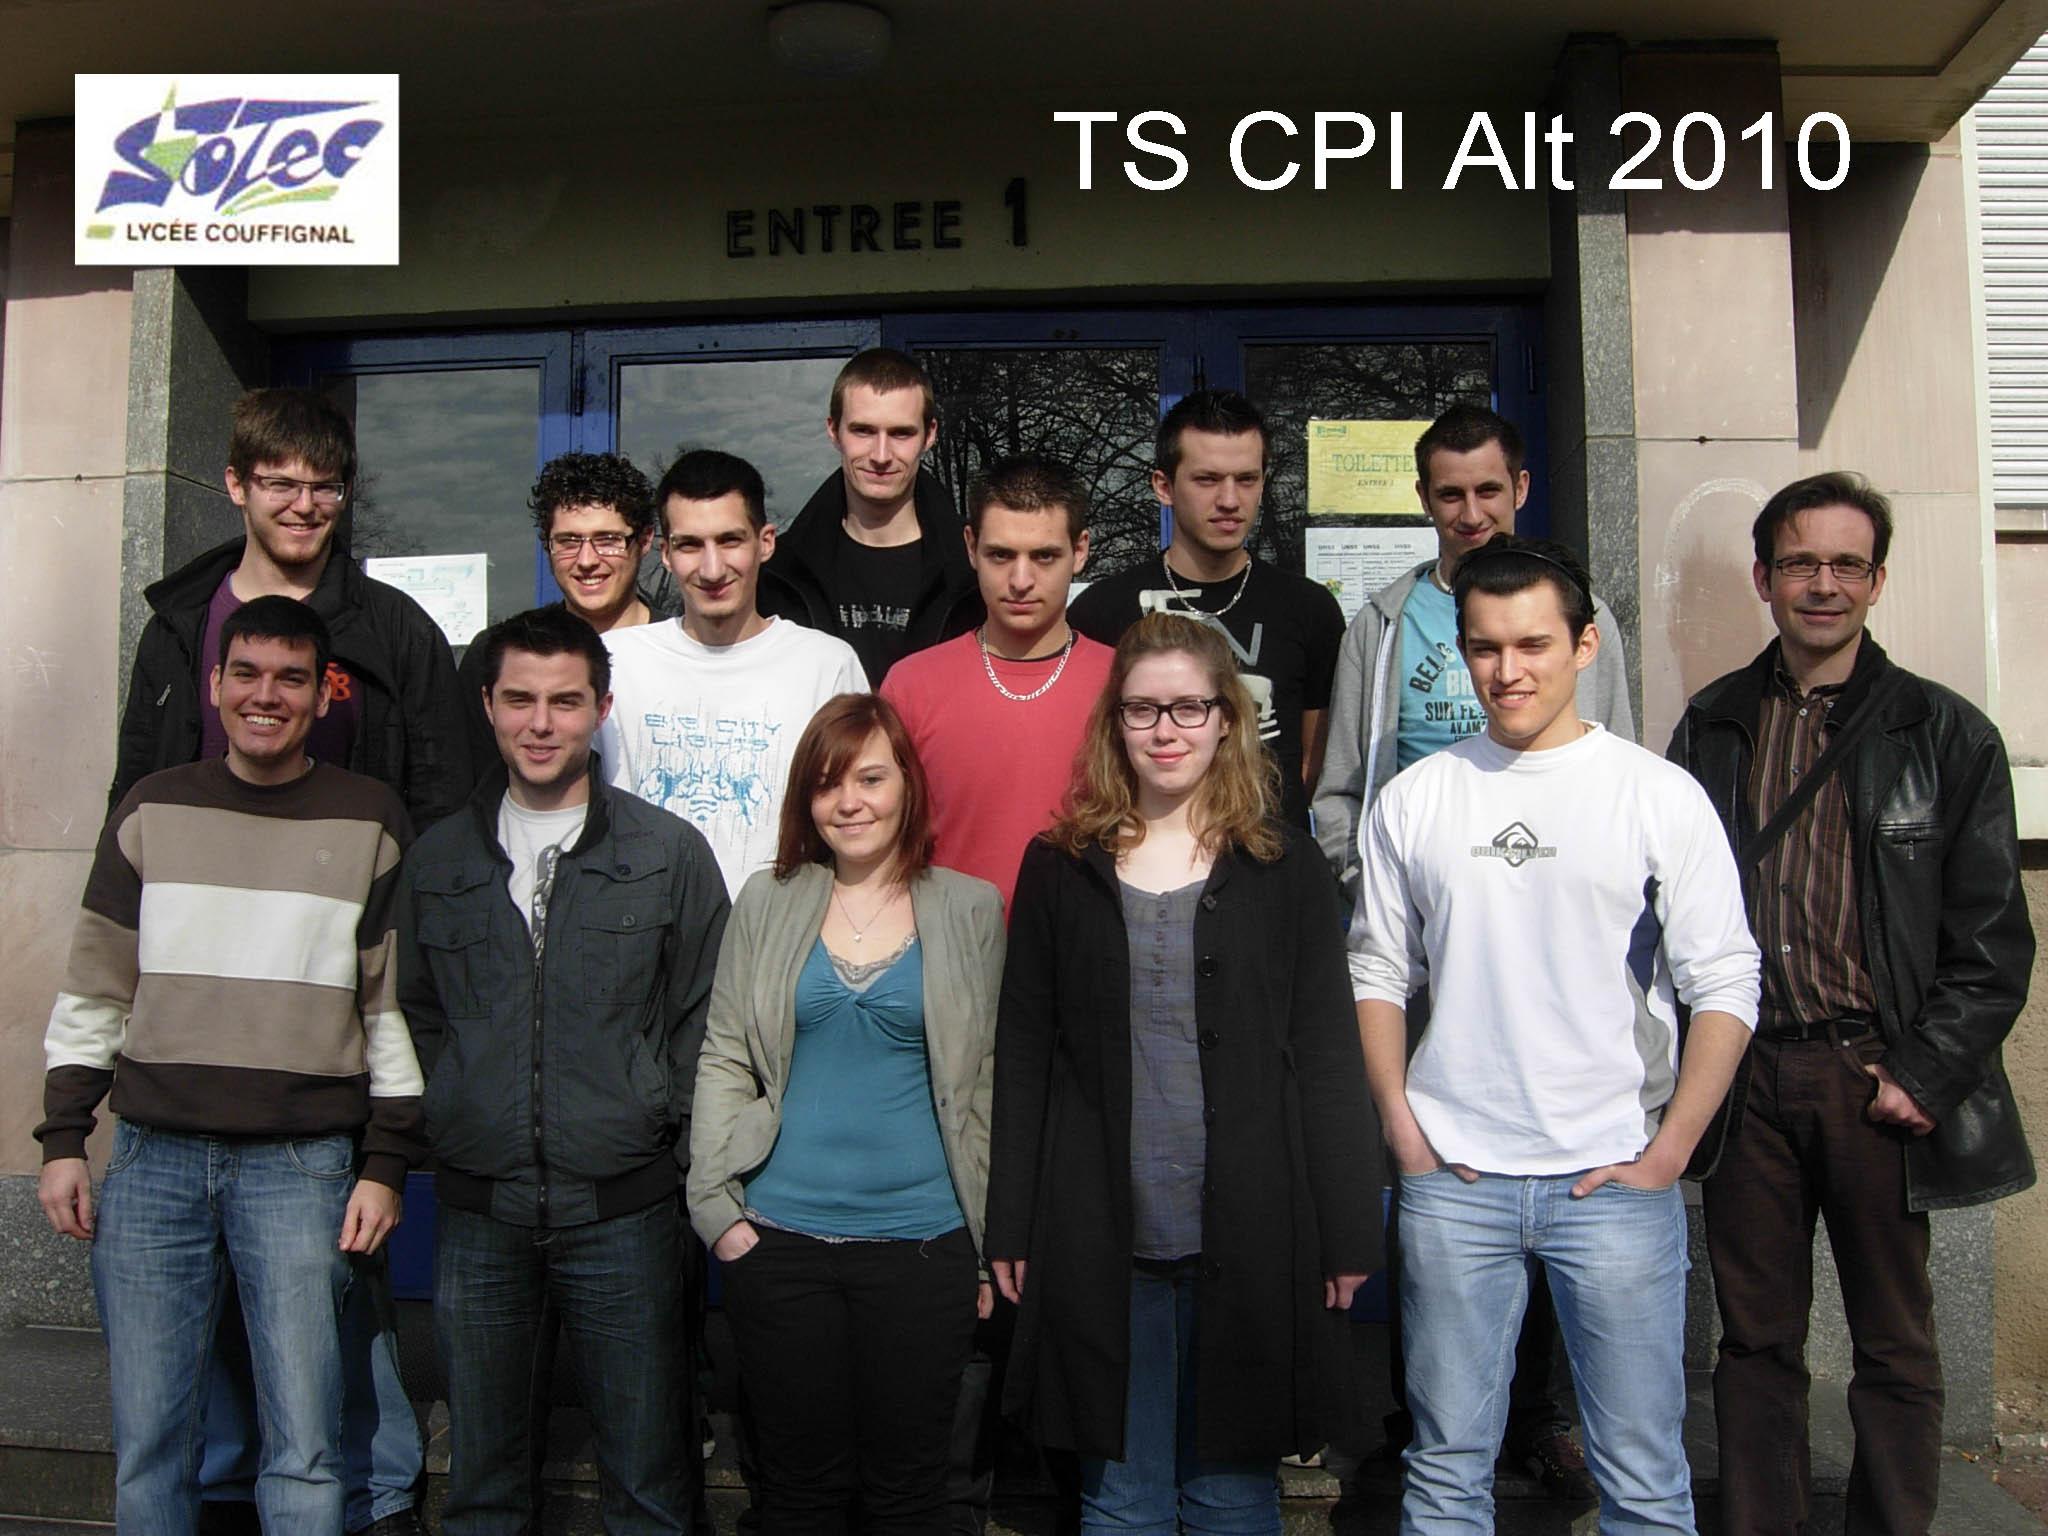 TS_CPIAlt.jpg